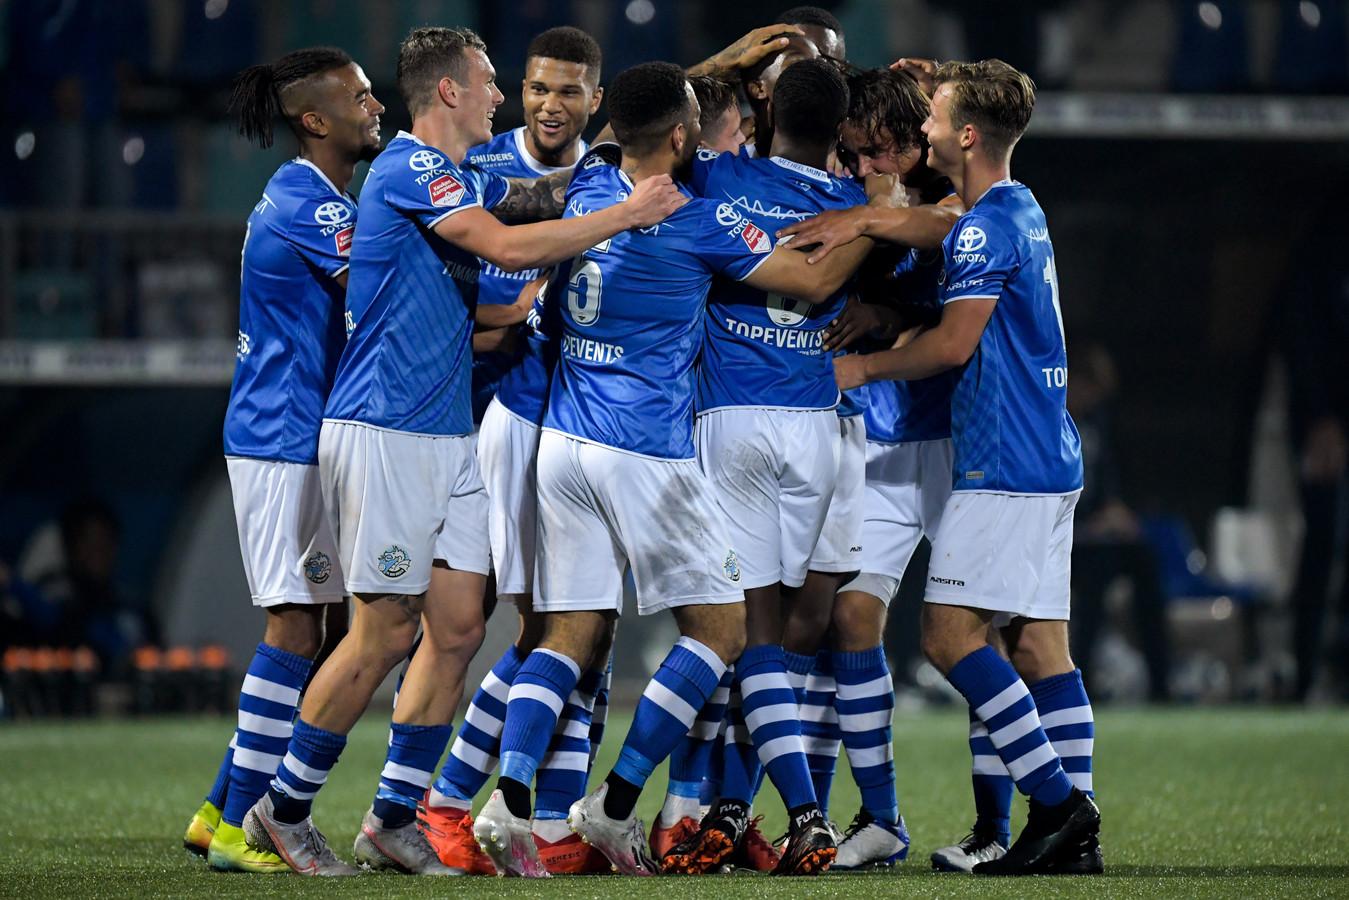 De spelers van Den Bosch vieren een treffer.